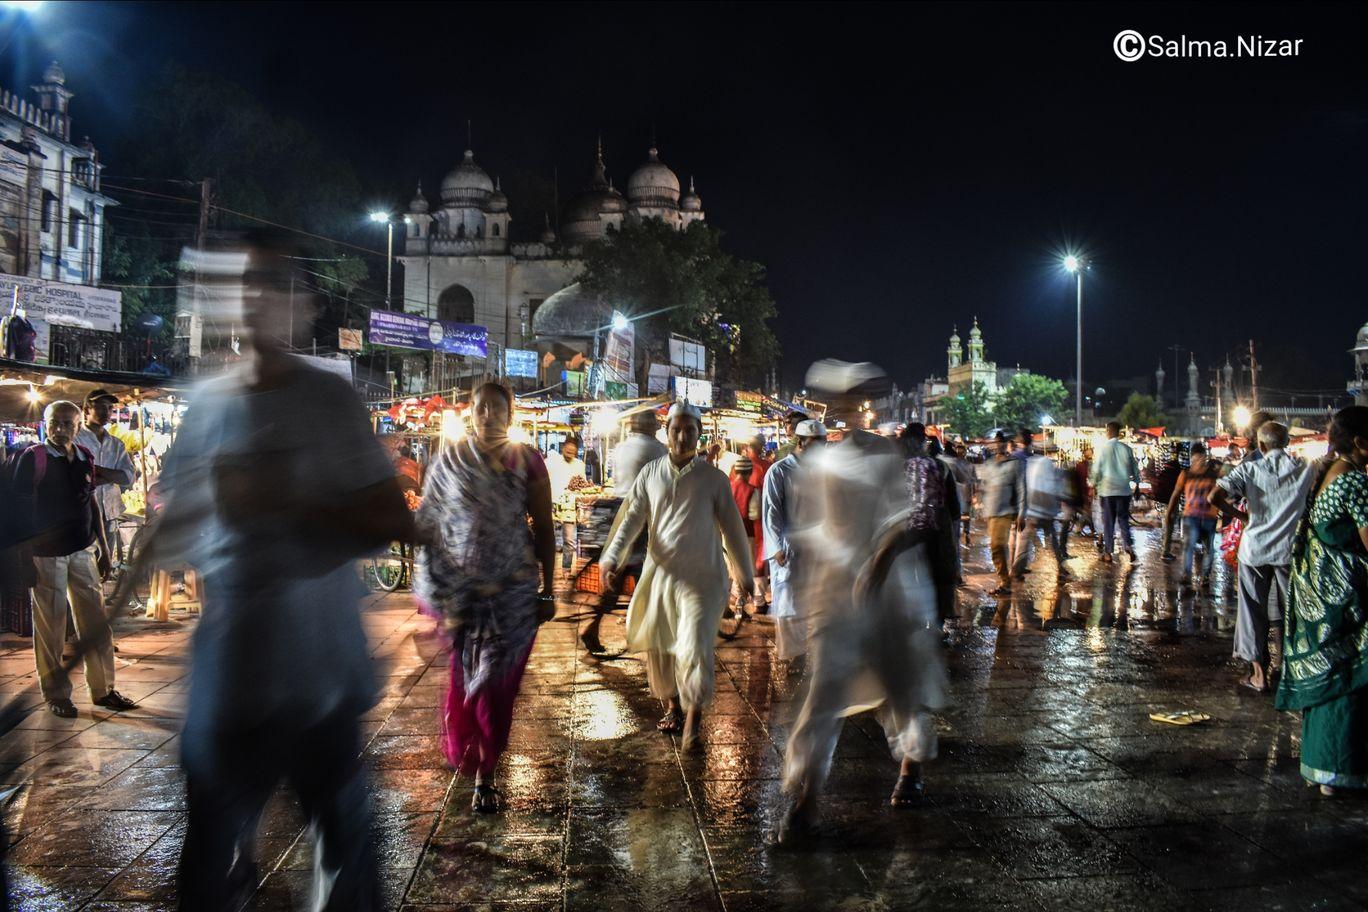 Photo of Hyderabad By Salma Nizar